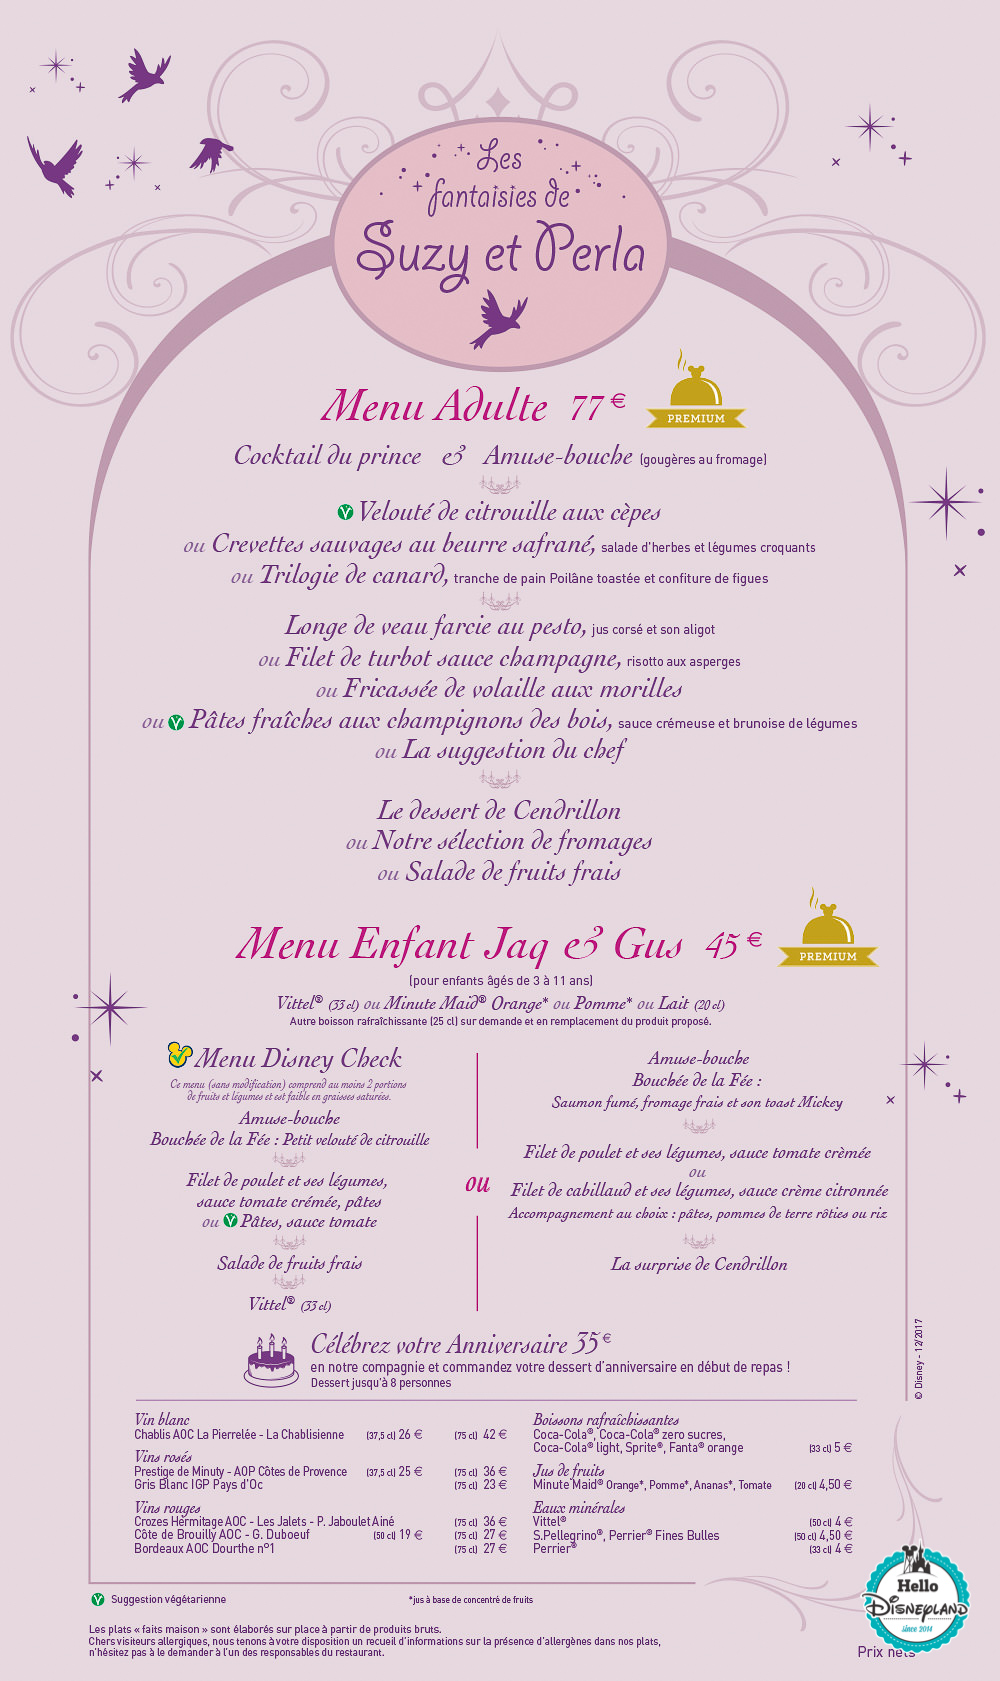 Menus Auberge Cendrillon Disneyland Paris